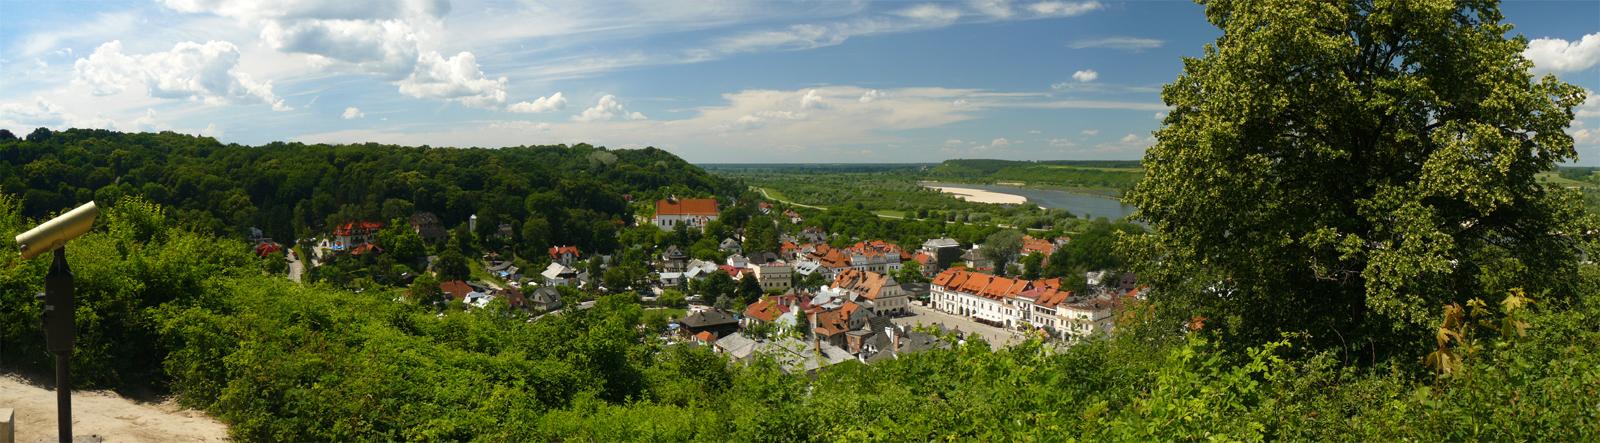 Kazimierz Dolny panorama.jpg